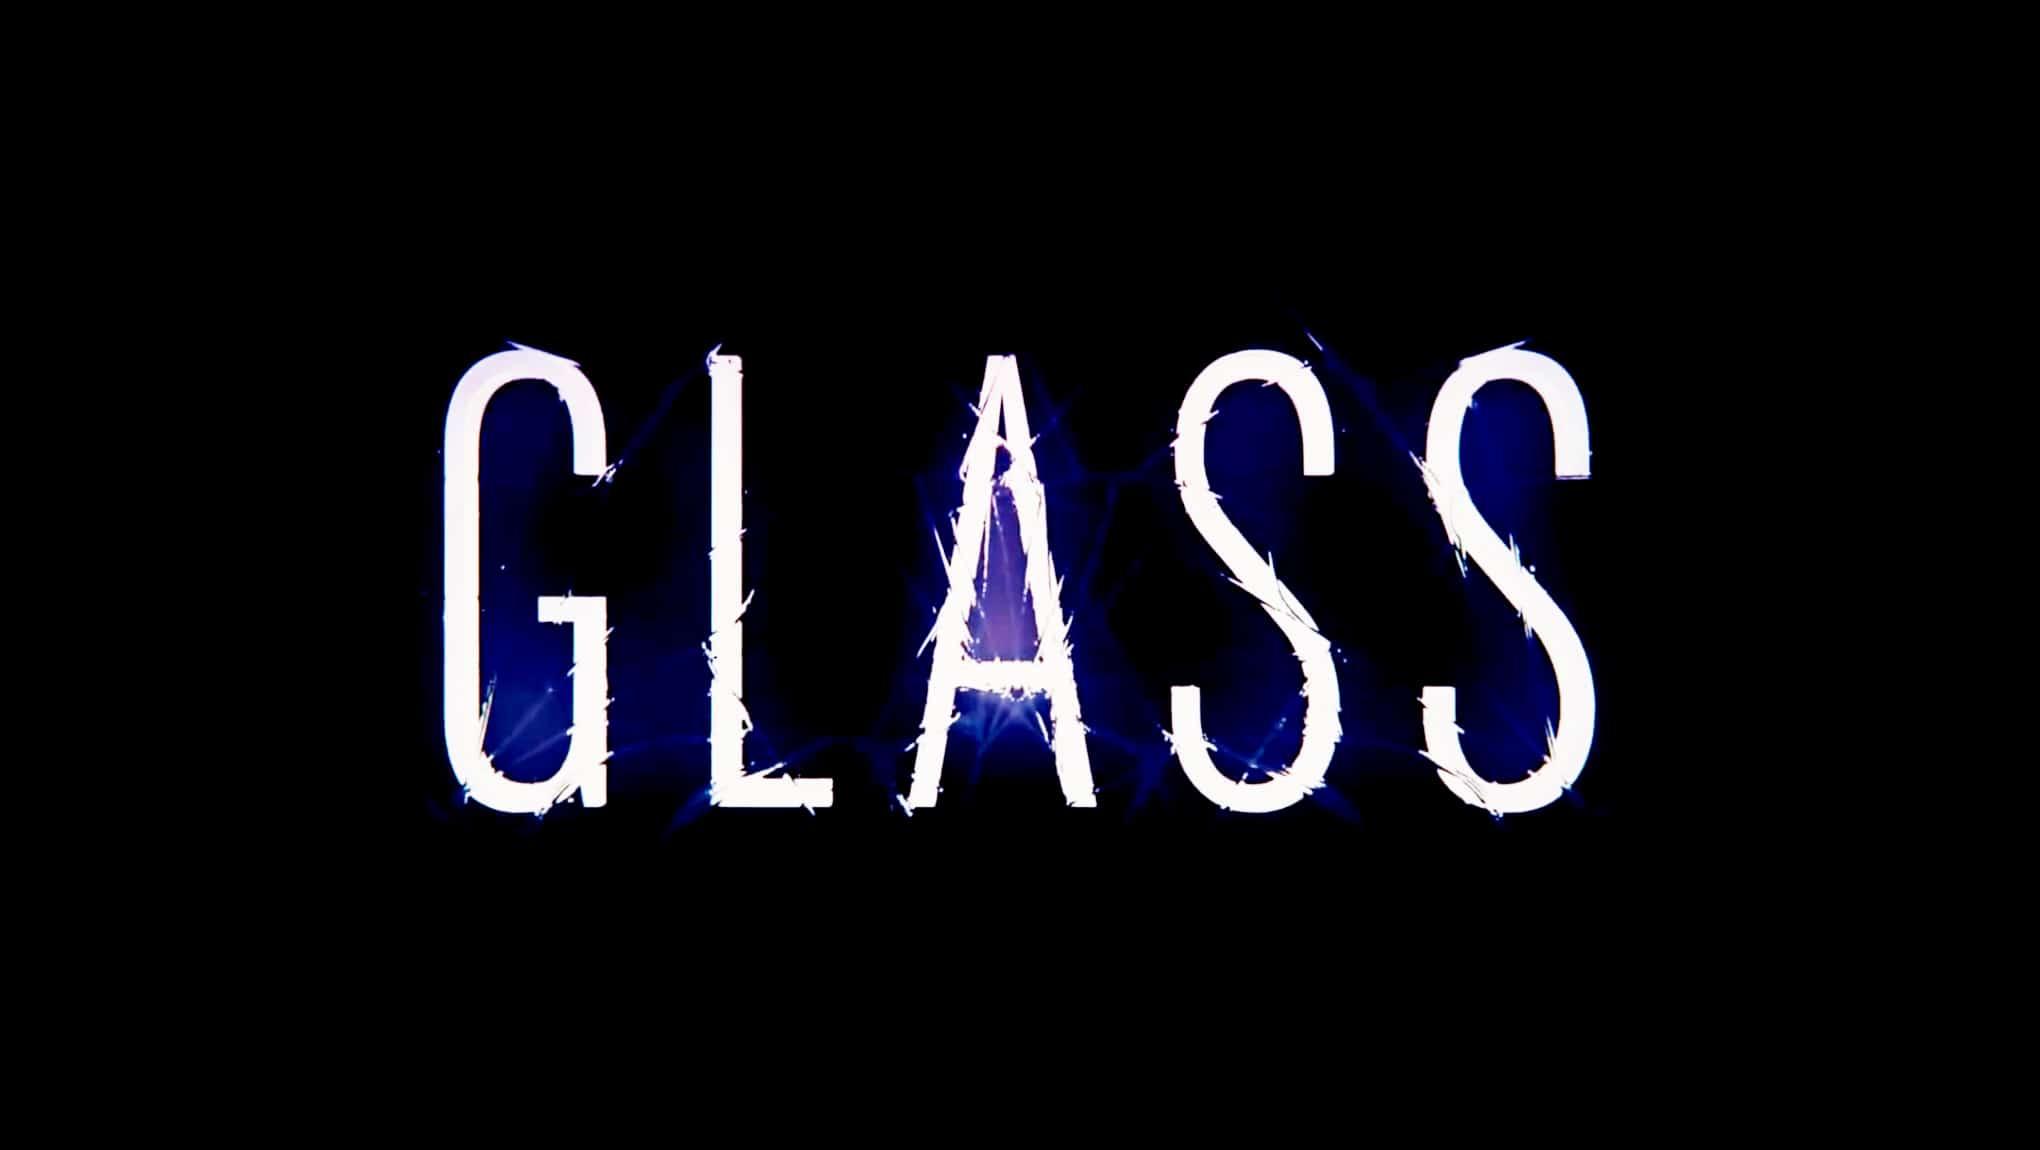 glass,cheyan antwaune gray, cheyan gray, antwaune gray, thelifestyleelite,elite lifestyle, thelifestyleelitedotcom, thelifestyleelite.com,tlselite.com,TheLifeStyleElite.com,cheyan antwaune gray,fashion,models of thelifestyleelite.com, the life style elite,the lifestyle elite,elite lifestyle,lifestyleelite.com,cheyan gray,TLSElite,TLSElite.com,TLSEliteGaming,TLSElite Gaming